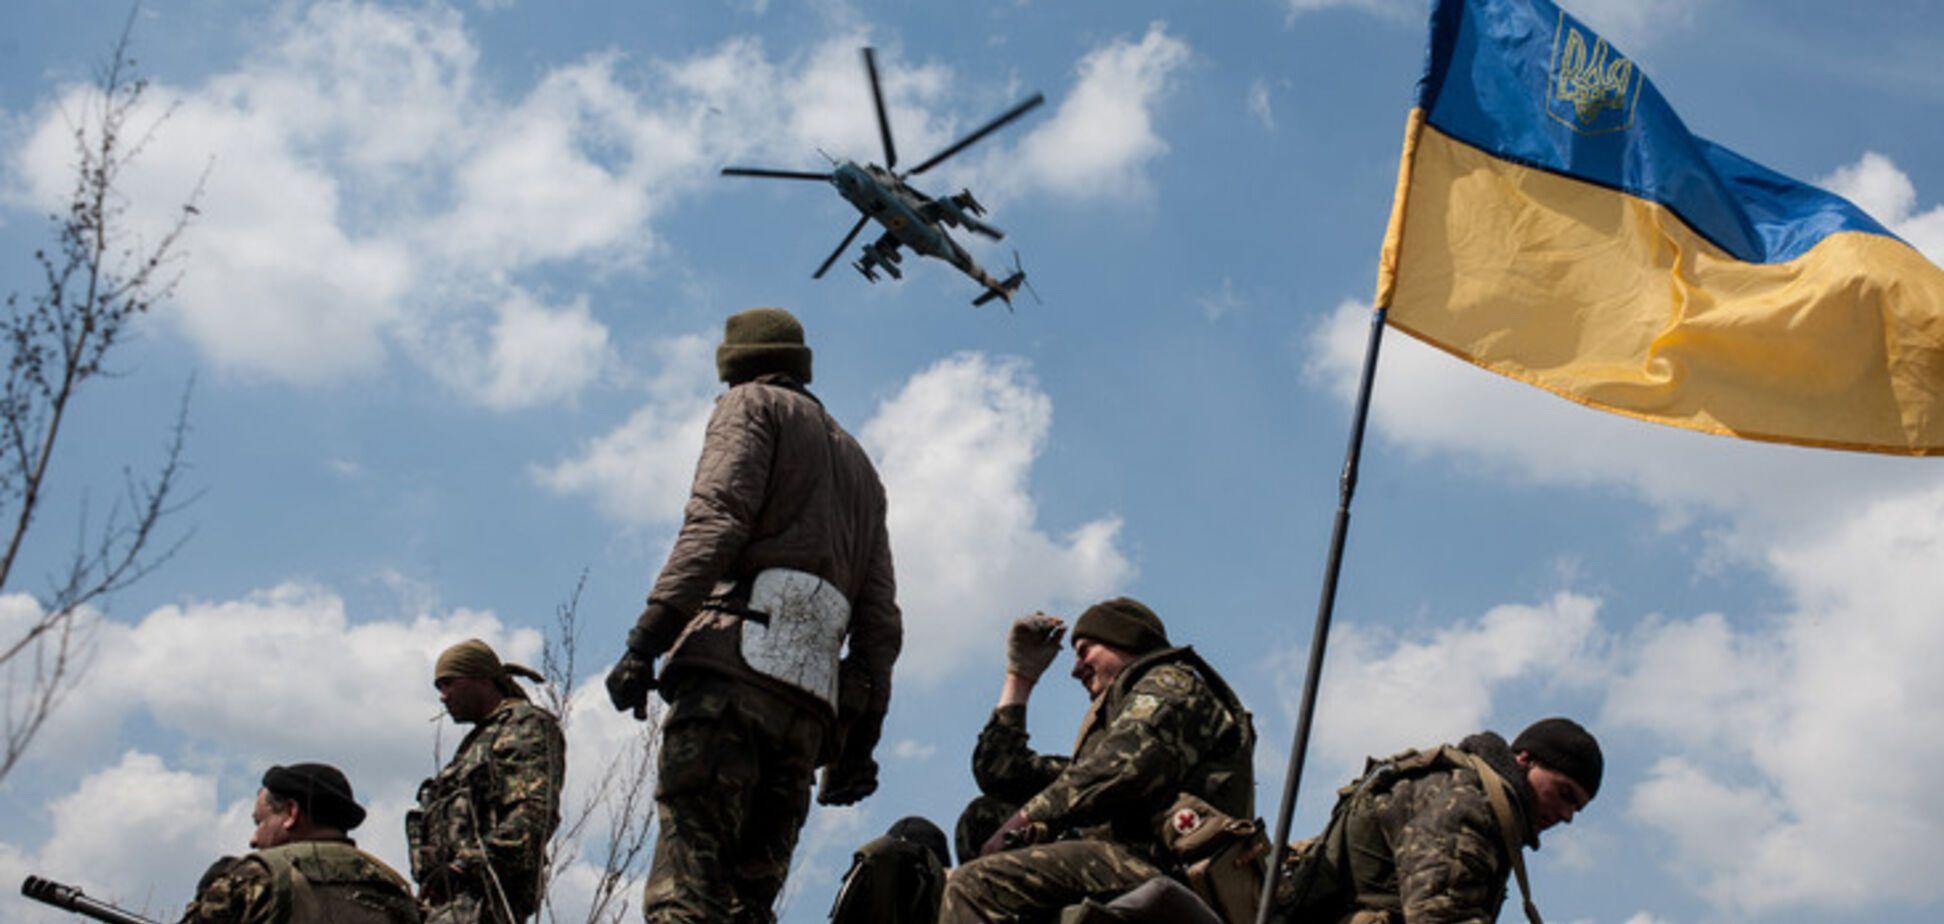 Война и мир: у украинской стороны есть возможности для маневра